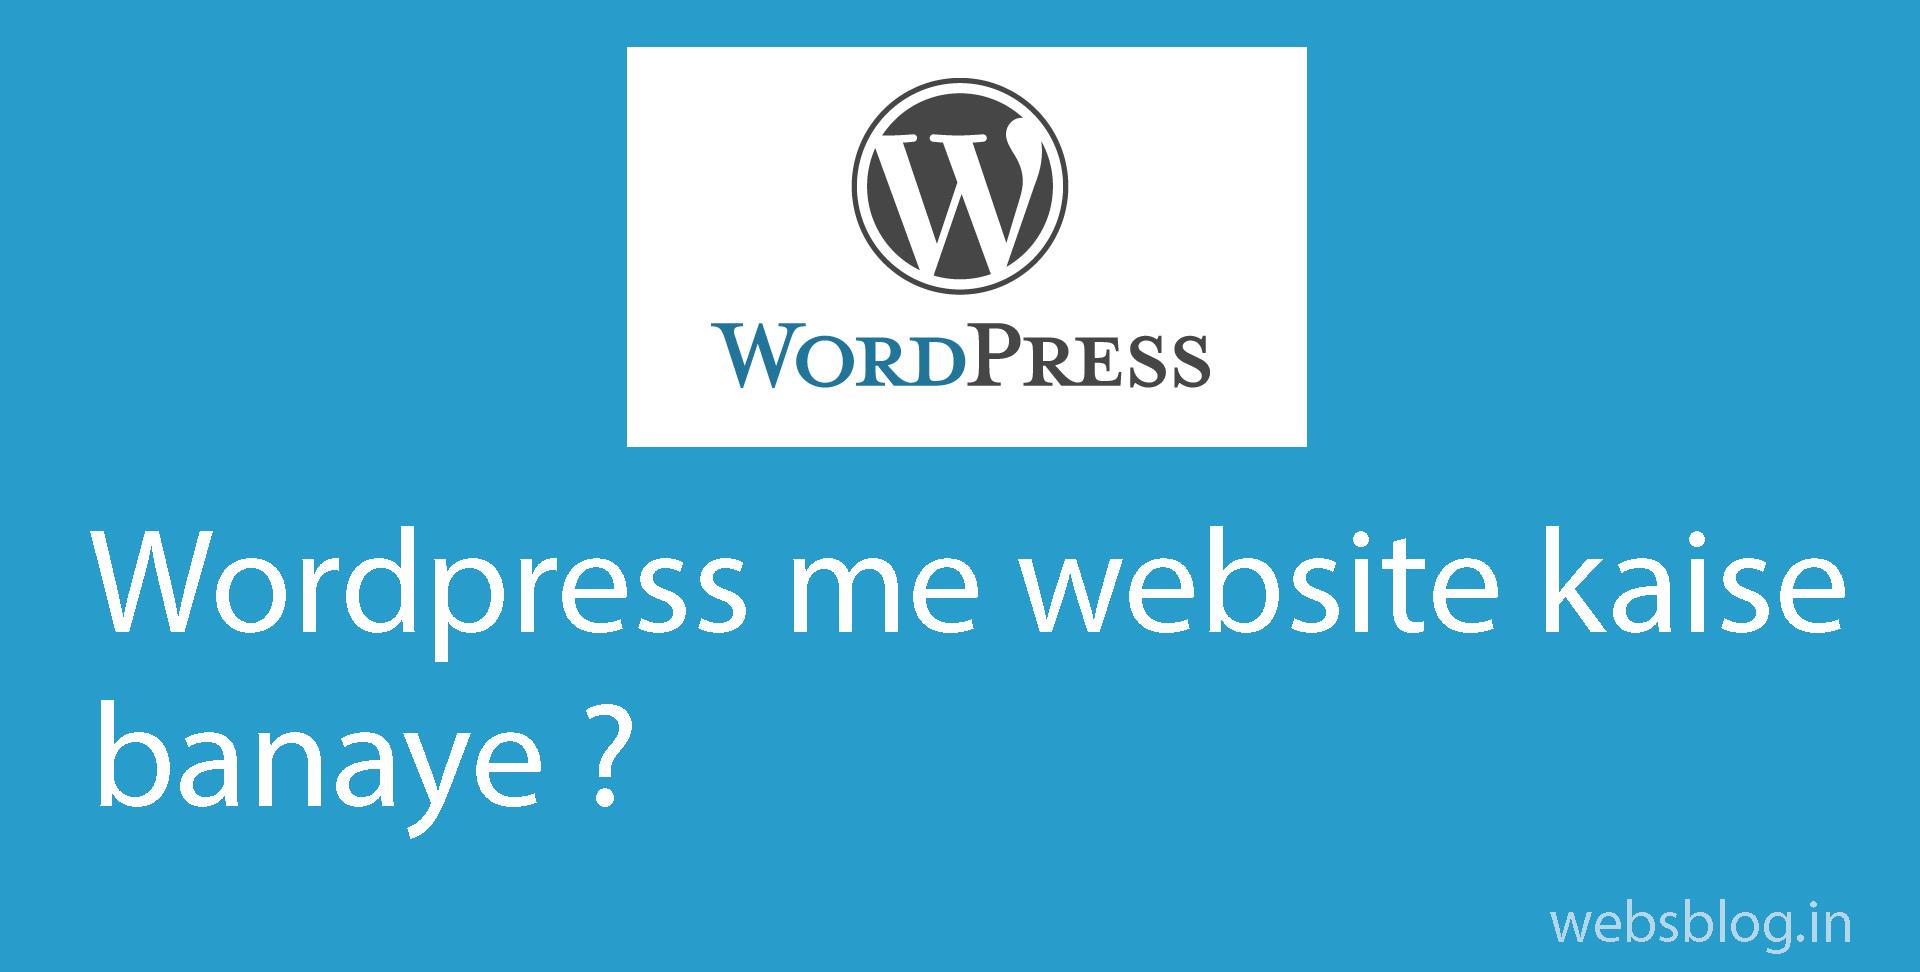 WordPress me website kaise banaye